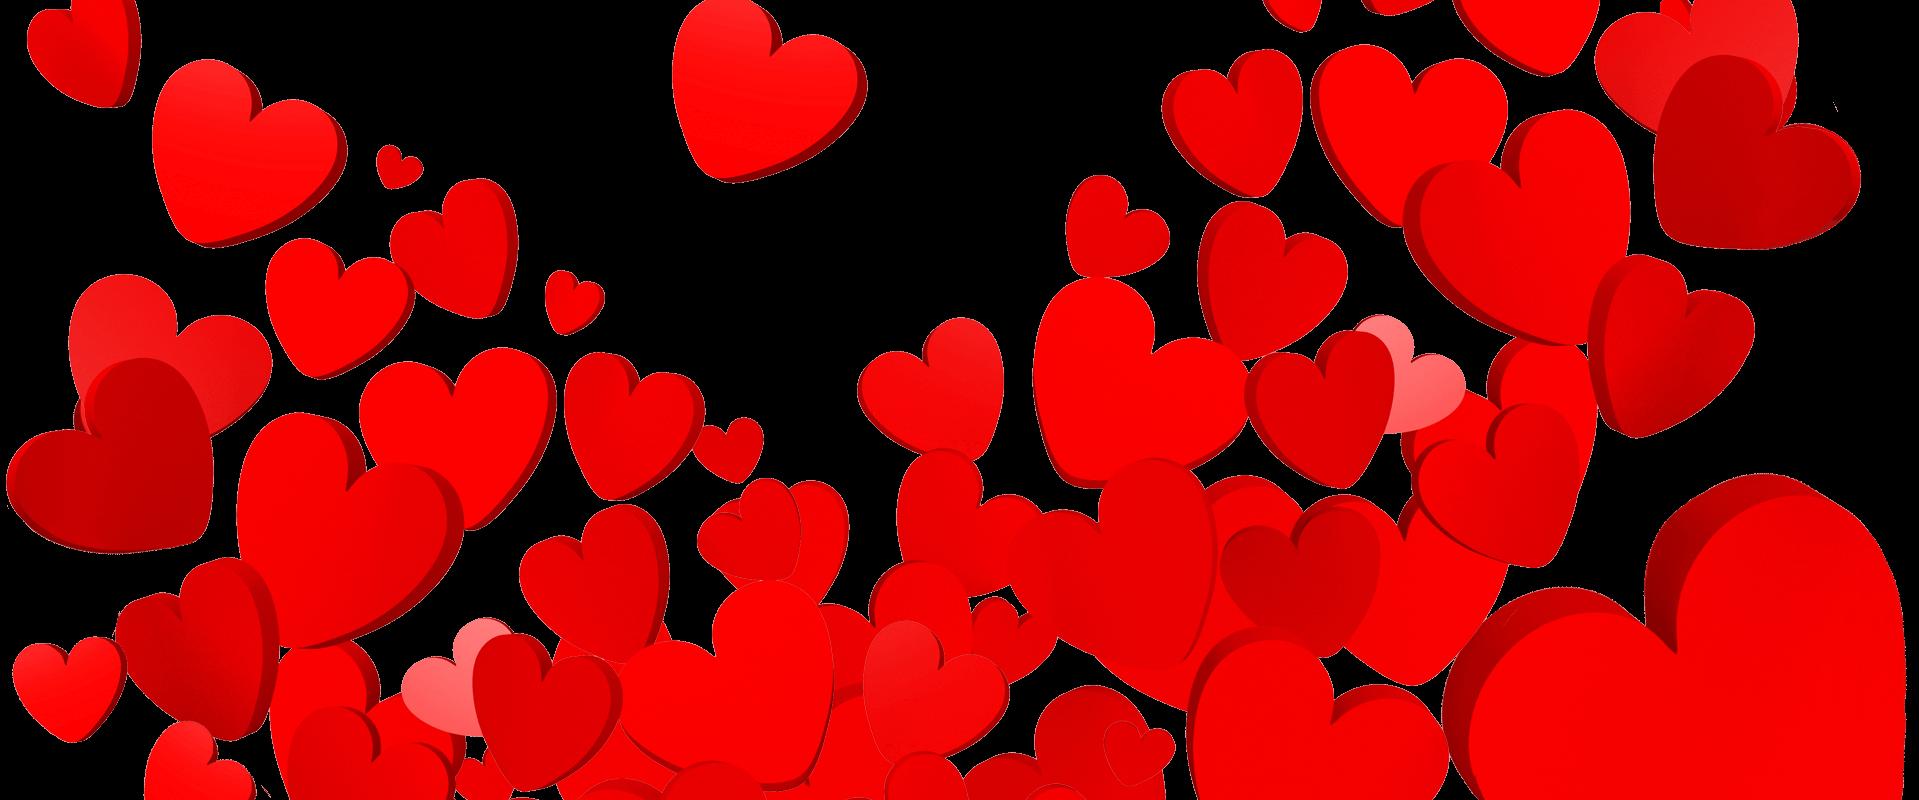 दिल | Heart